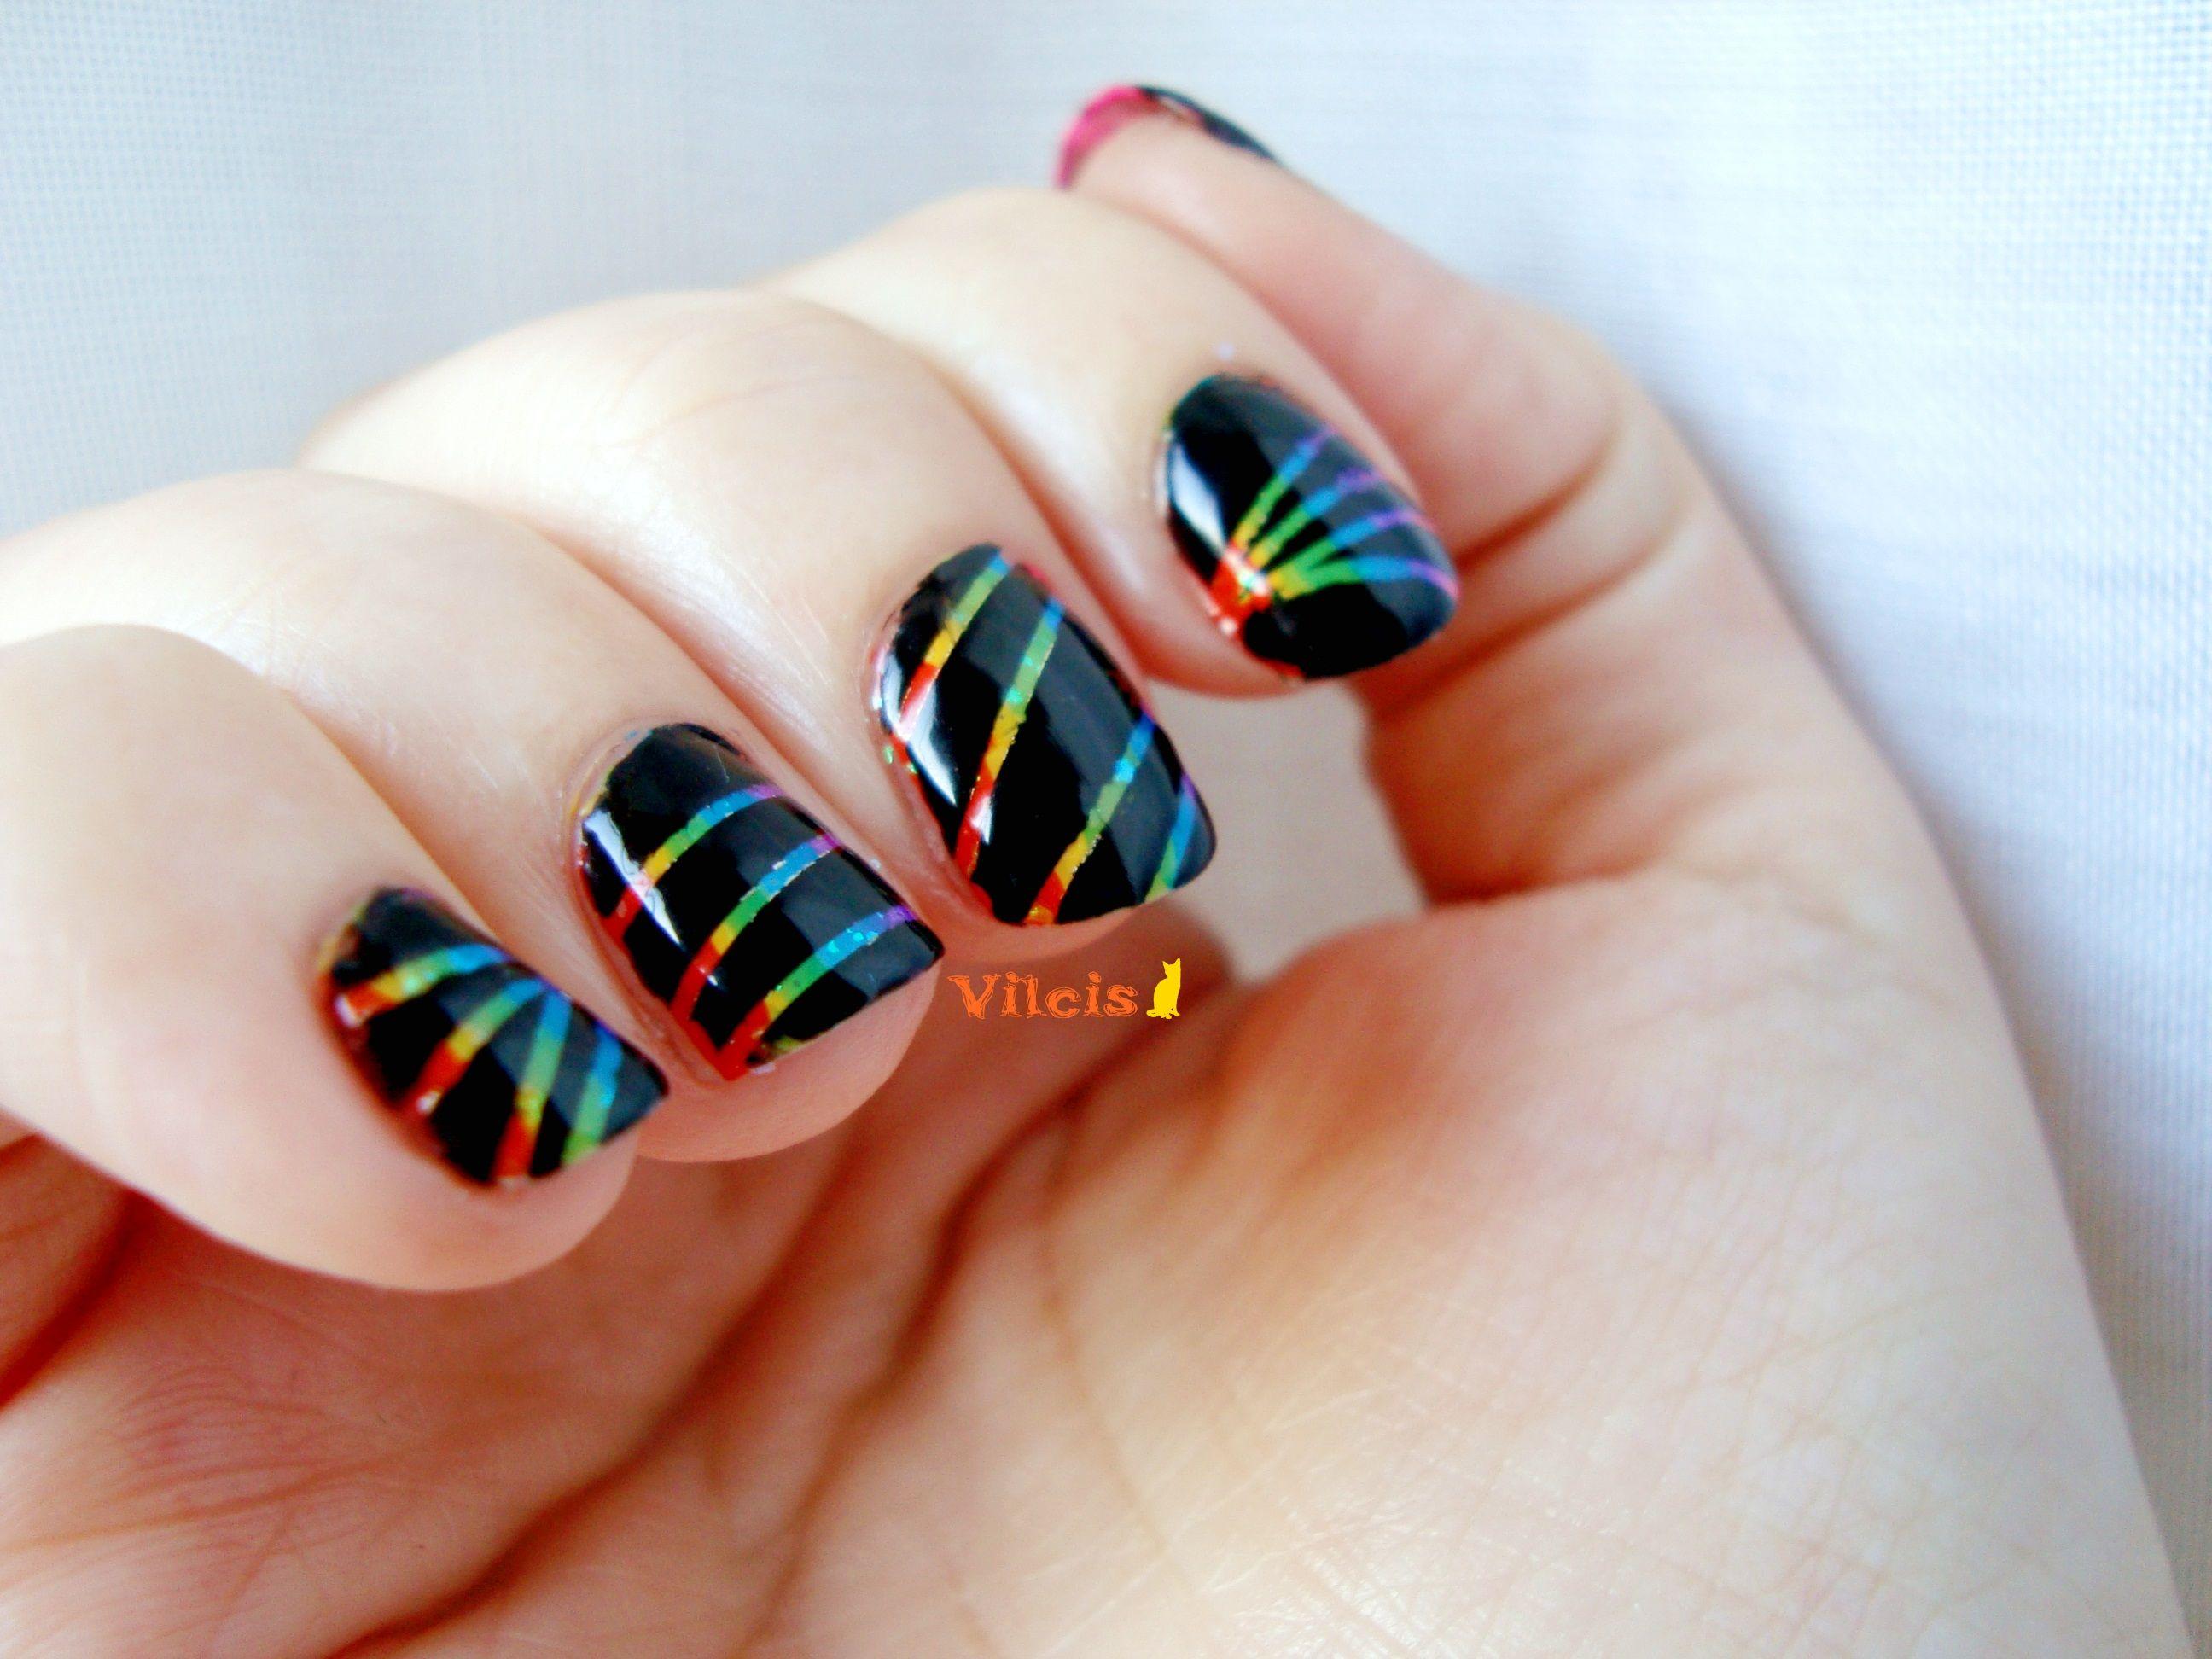 Diseño de uñas: arcoíris con cinta adhesiva. Adhesive tape rainbow ...